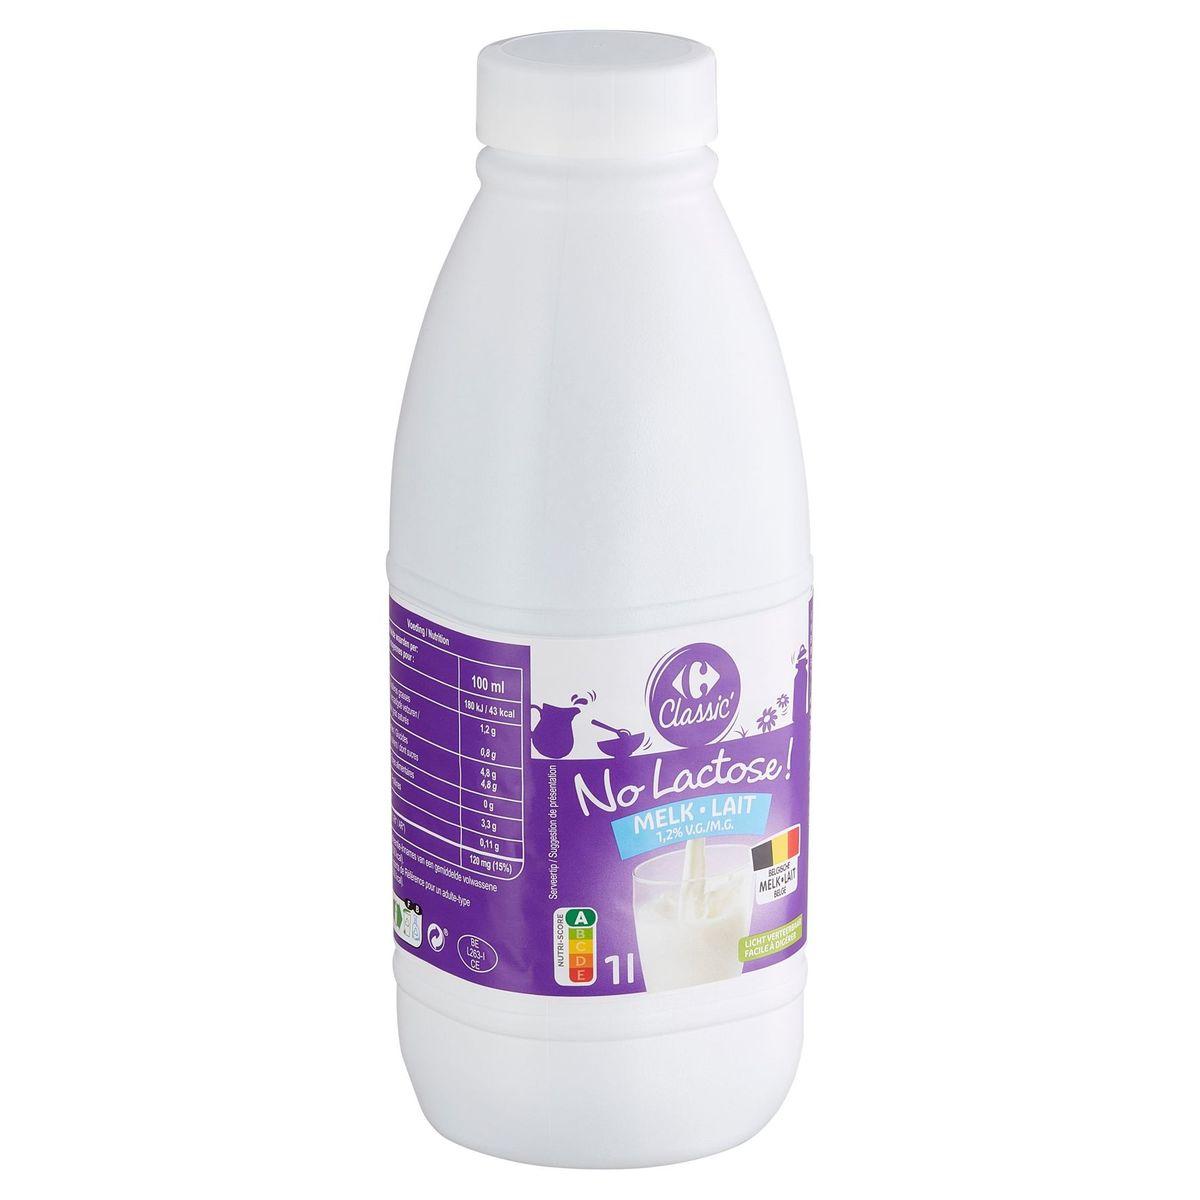 Carrefour No Lactose Lait 1.2% M.G. 1 L